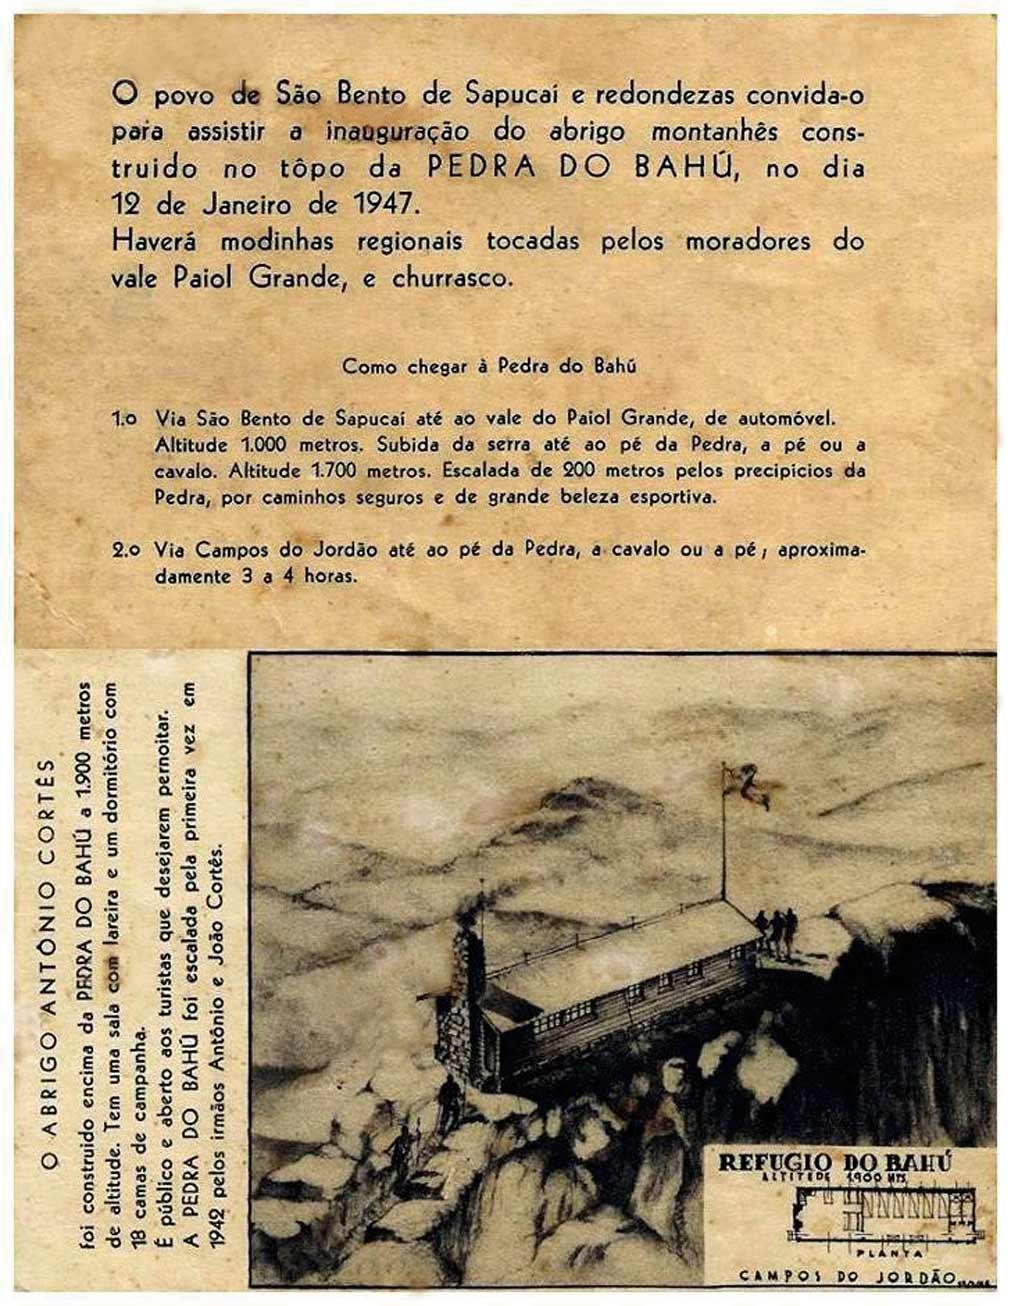 Sao-Bento-do-Sapucai-Historia-Pedra-do-Bau-convite-inauguracao-abrigo-bx